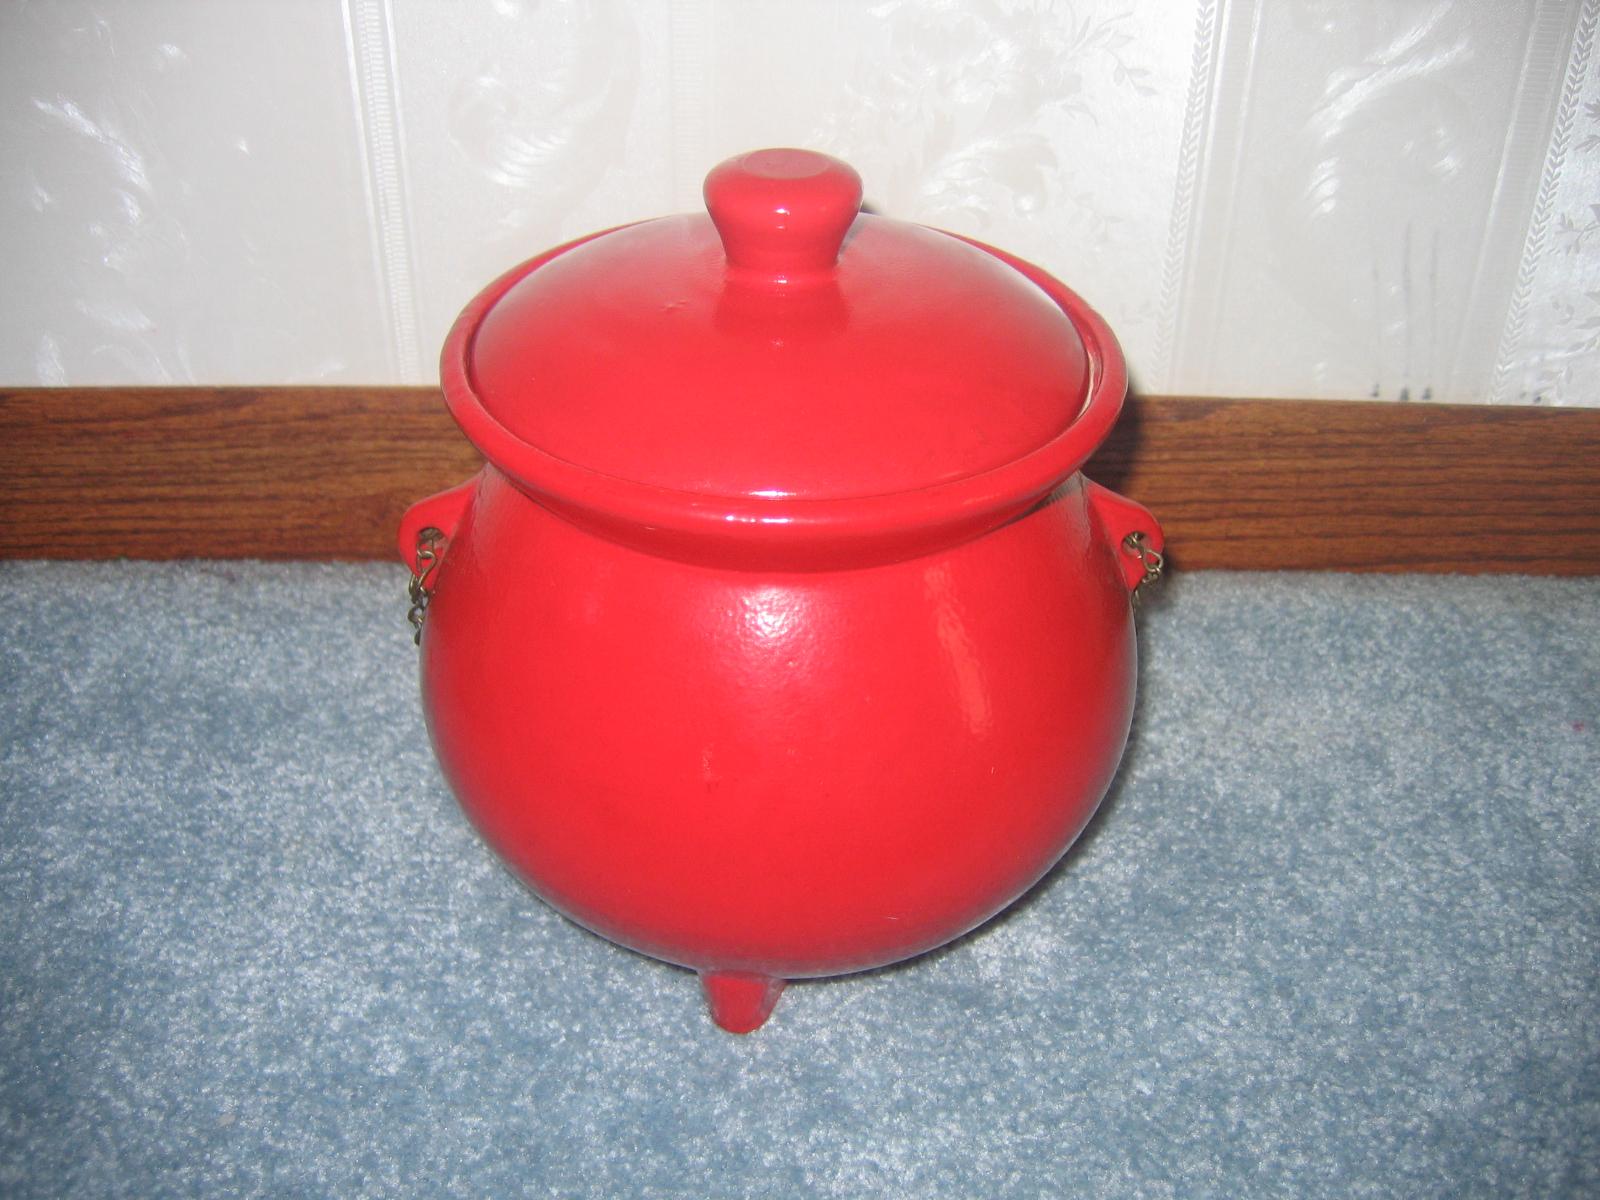 Vintage Red Kettle Ceramic Pottey Cookie Jar Item 403 For